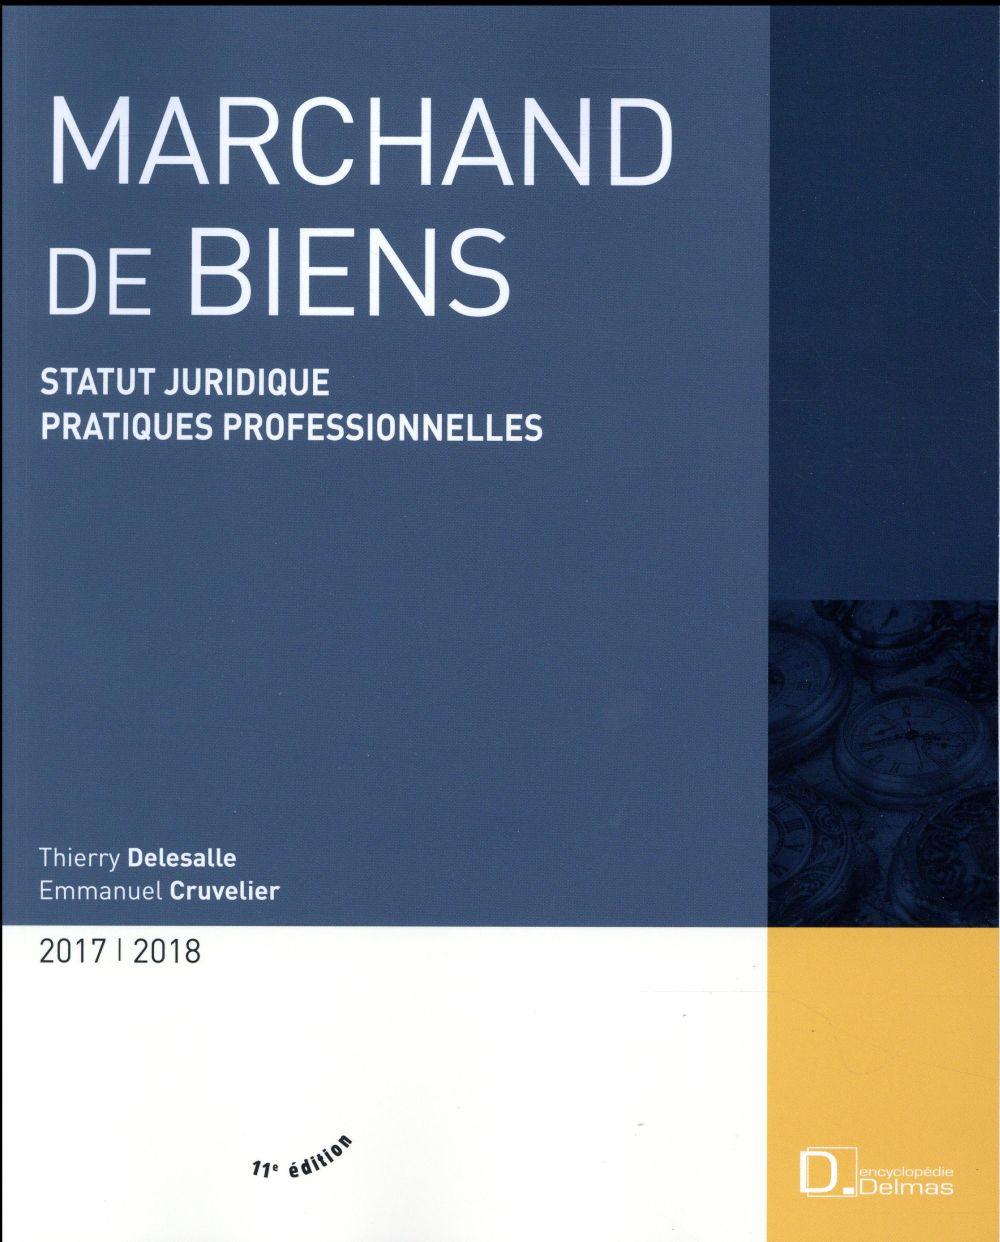 Marchand de biens ; statut juridique ; pratiques professionnelles (édition 2017/2018)